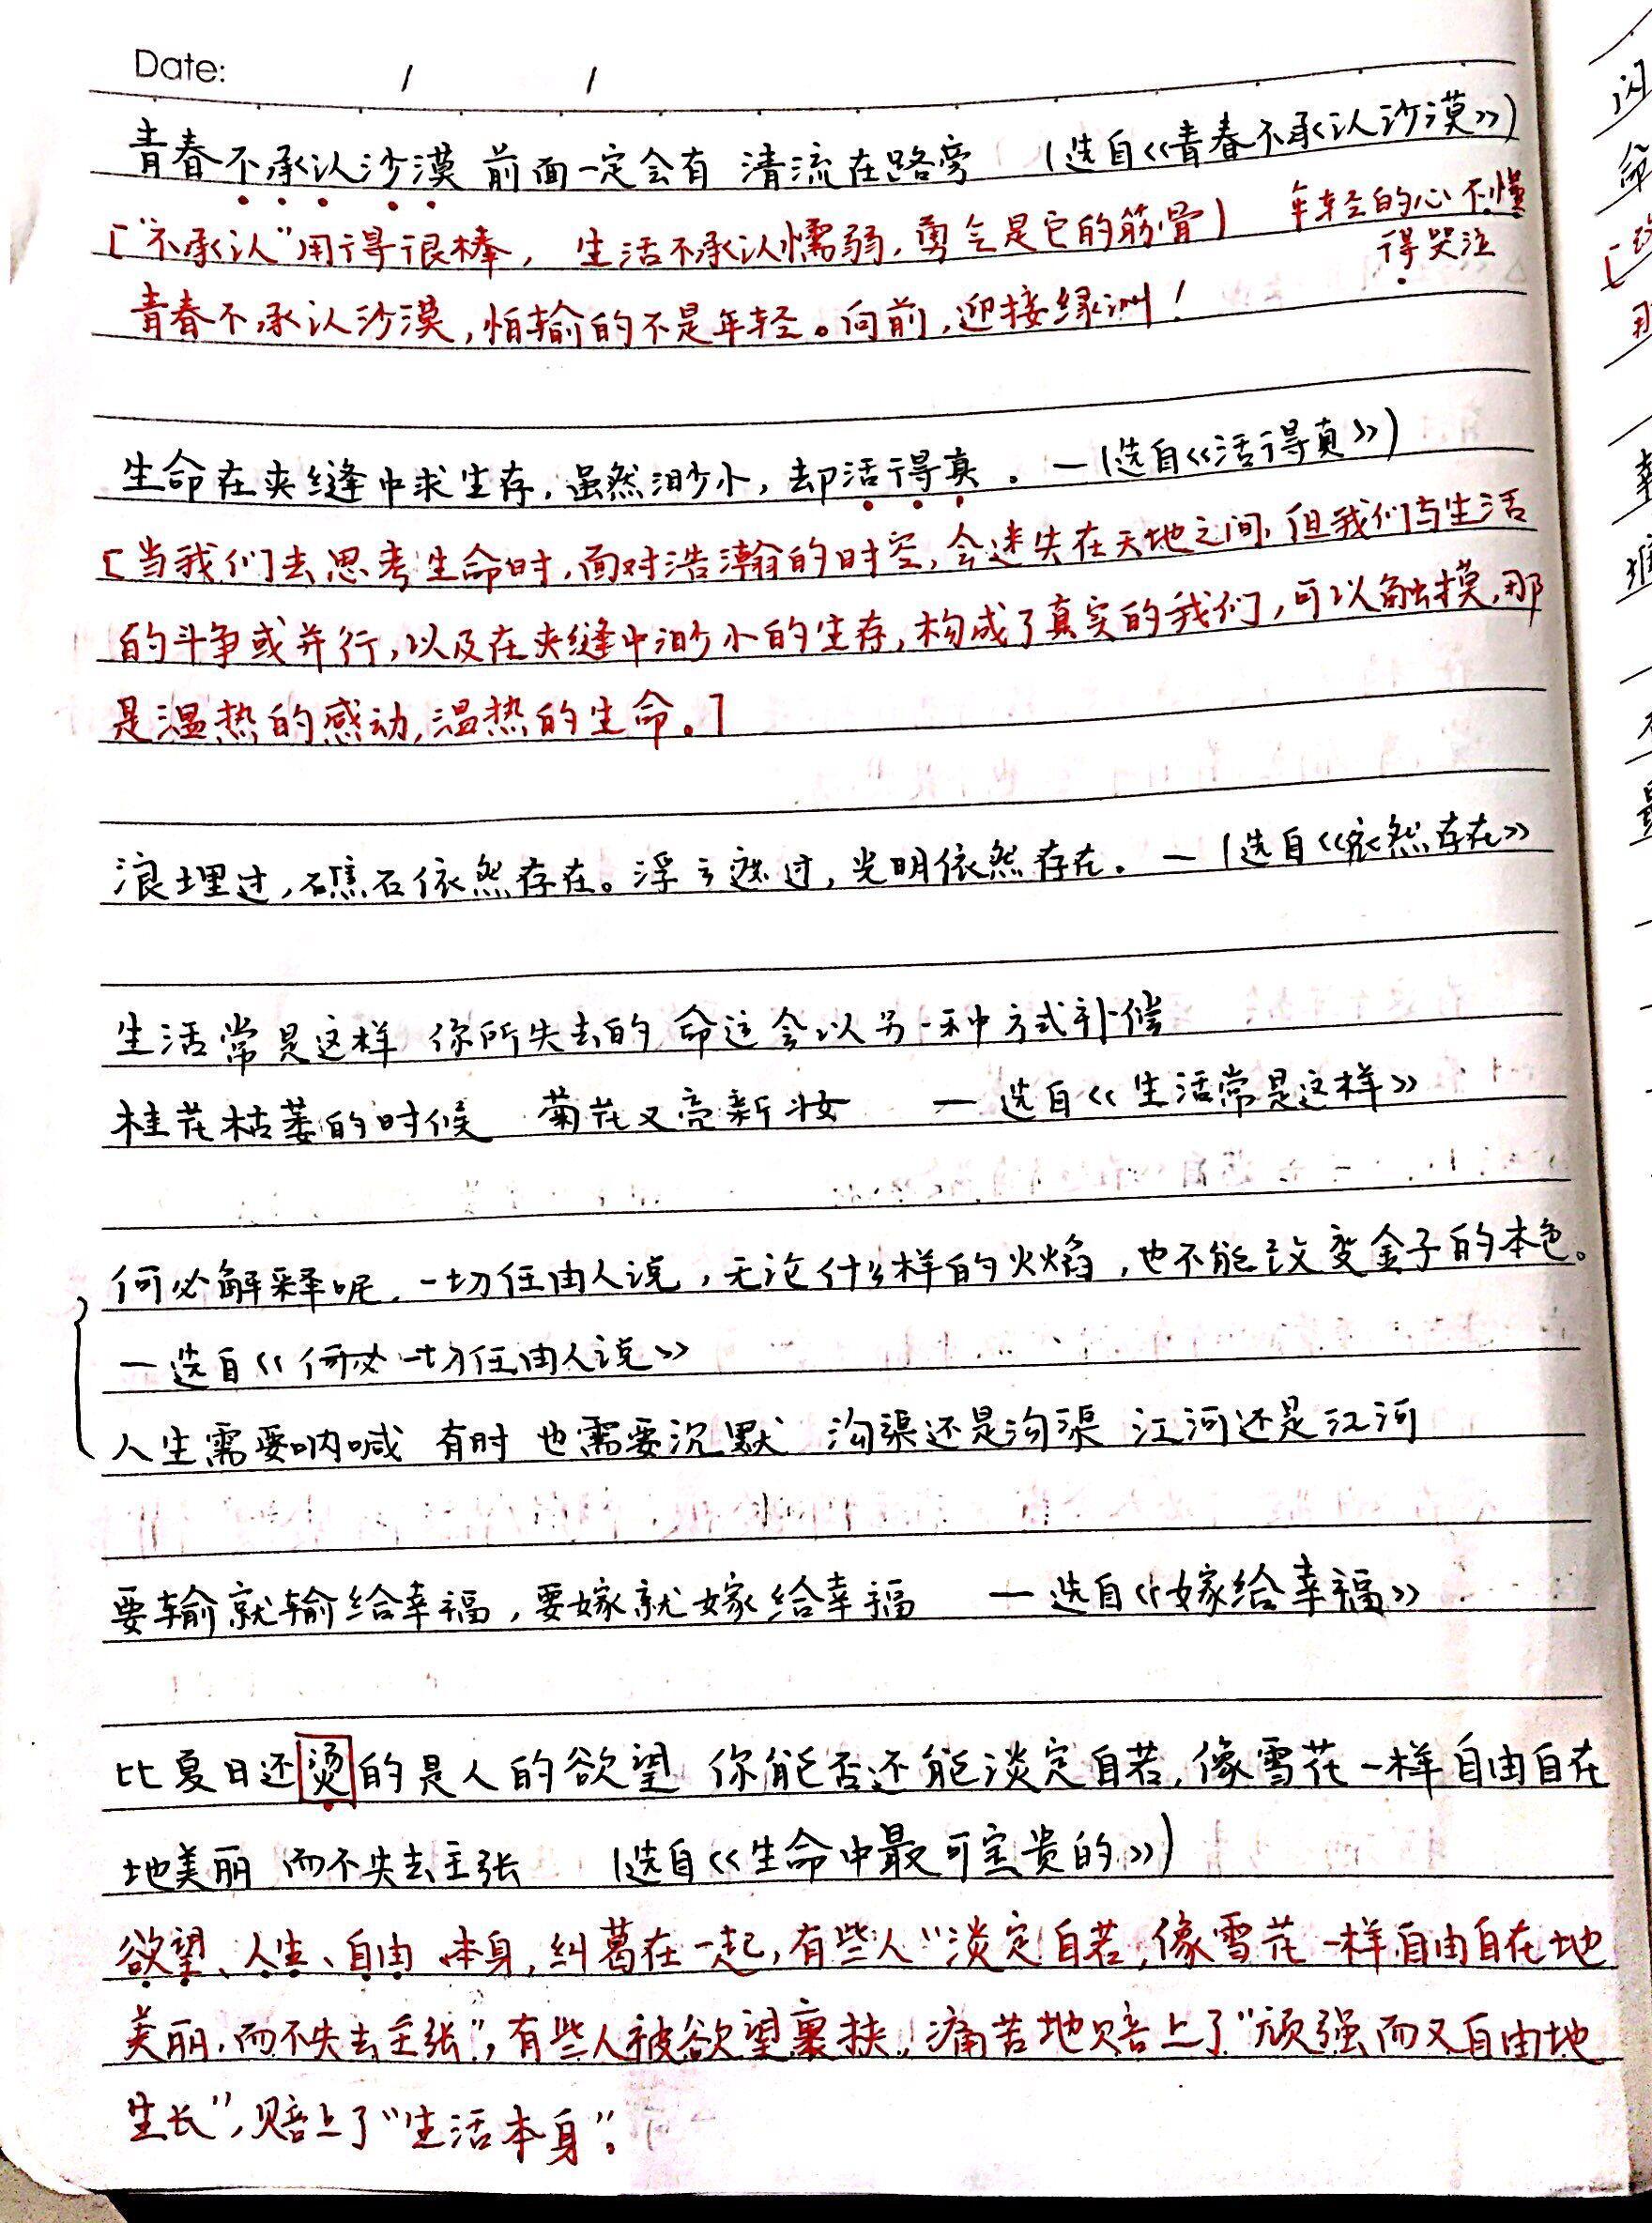 【高中作文】分享一波 小筆記~~ - 知乎